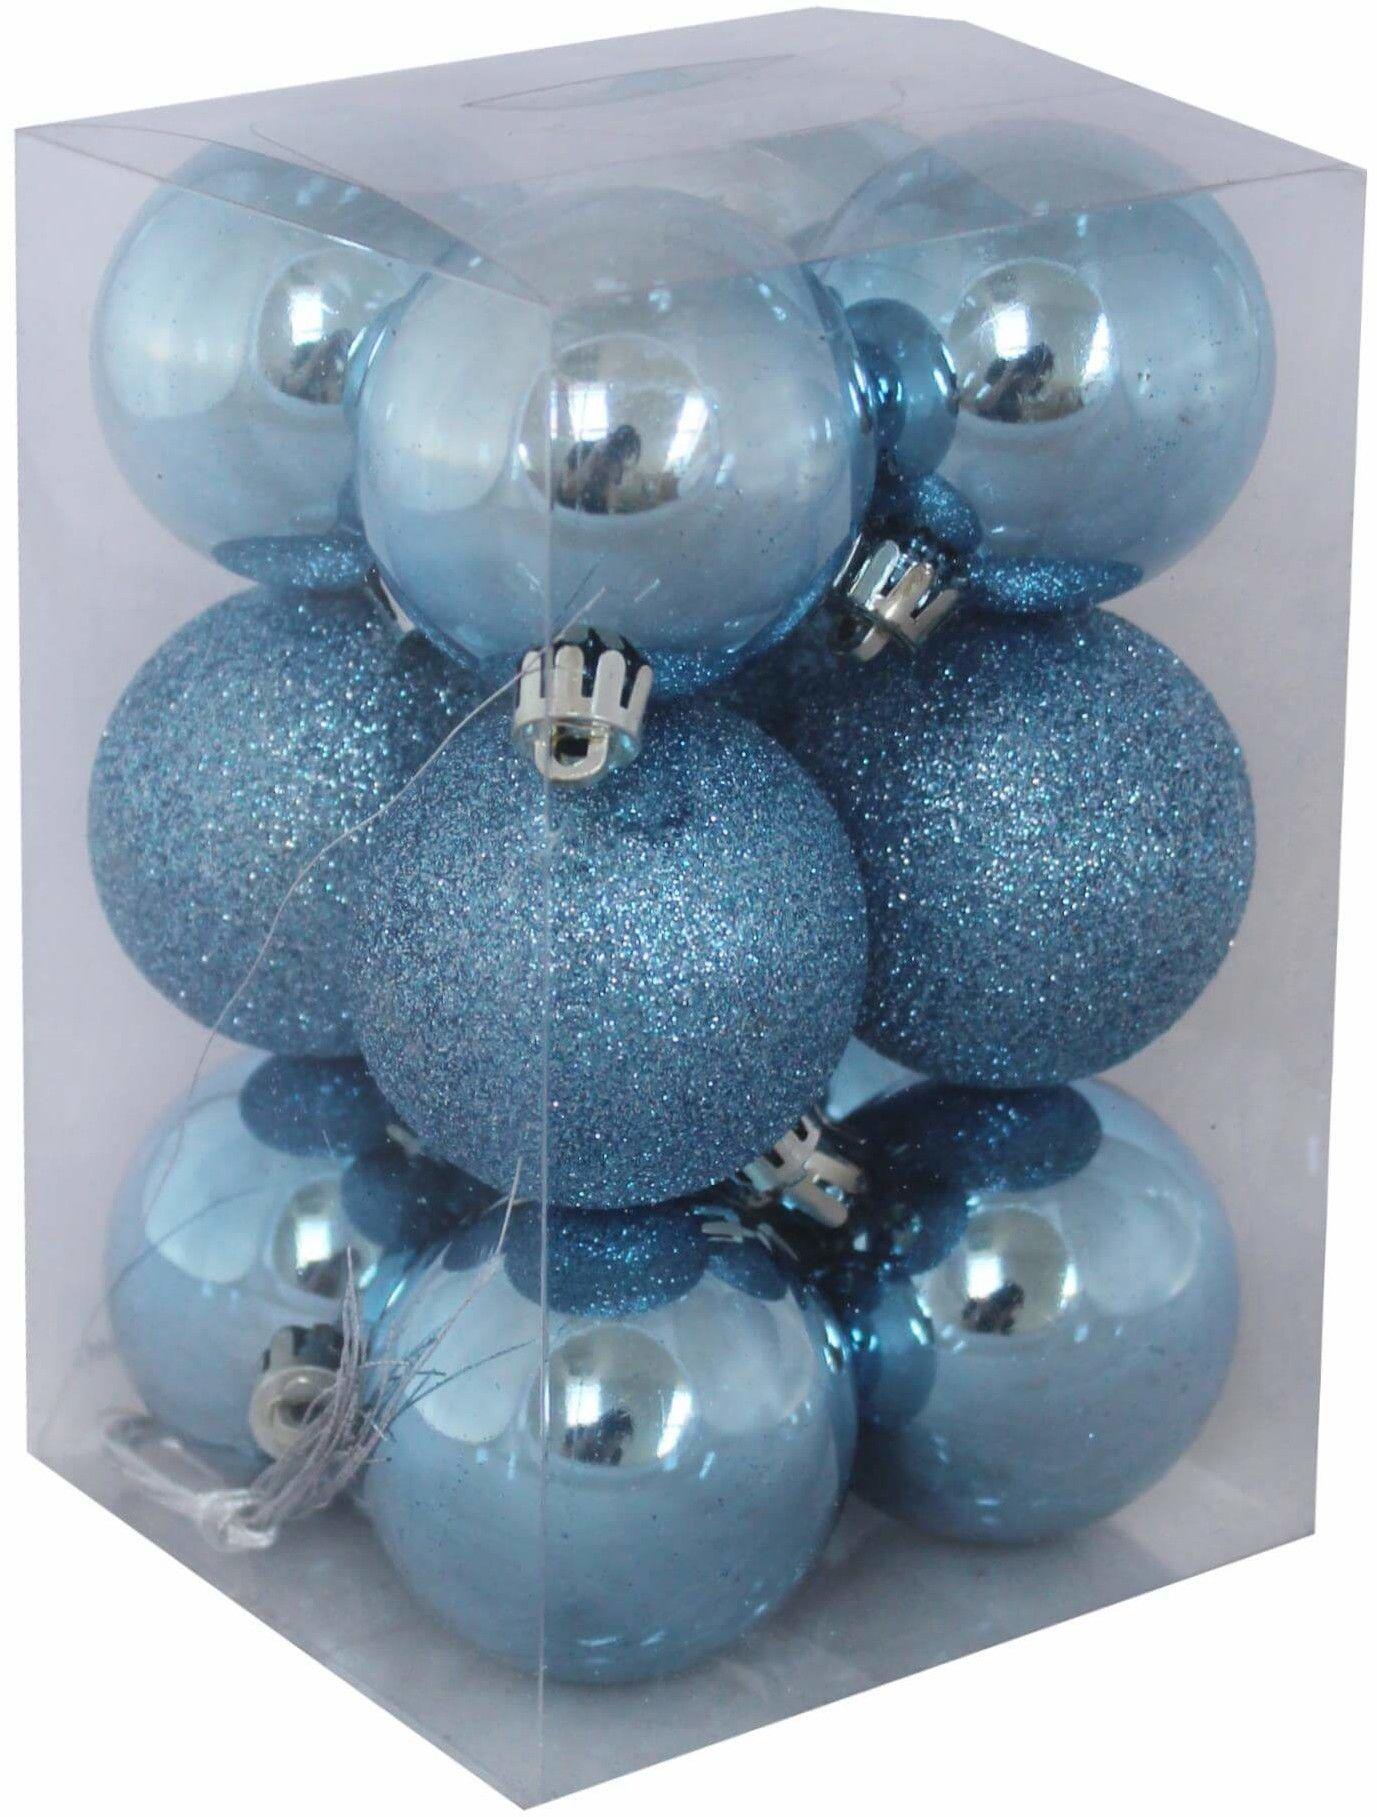 Bombki świąteczne 5cm kpl. 12szt